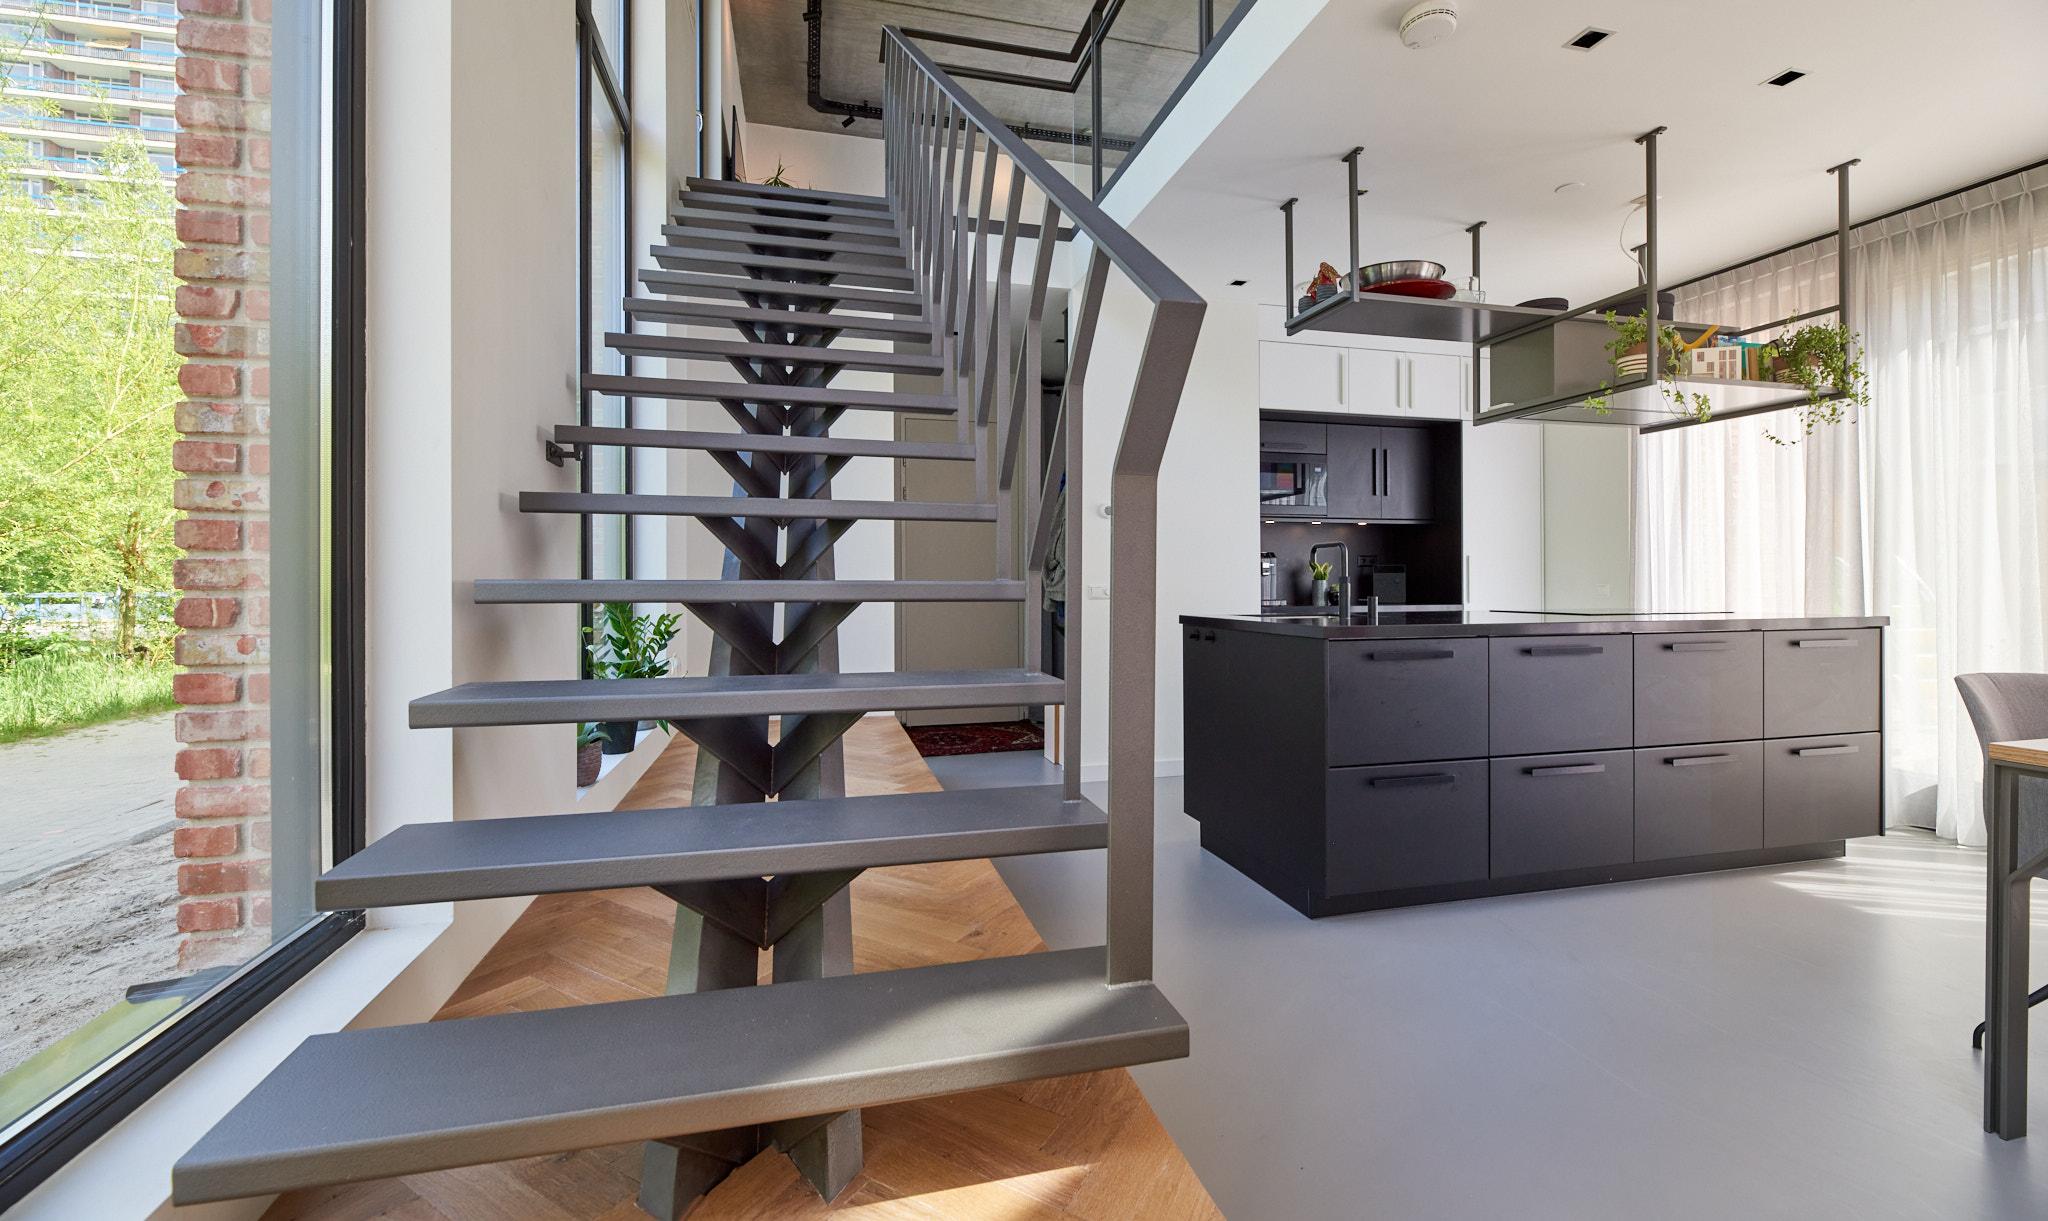 Stalen grijze design trap met een middenboom en stalen leuning. Woonkeuken met kookeiland.